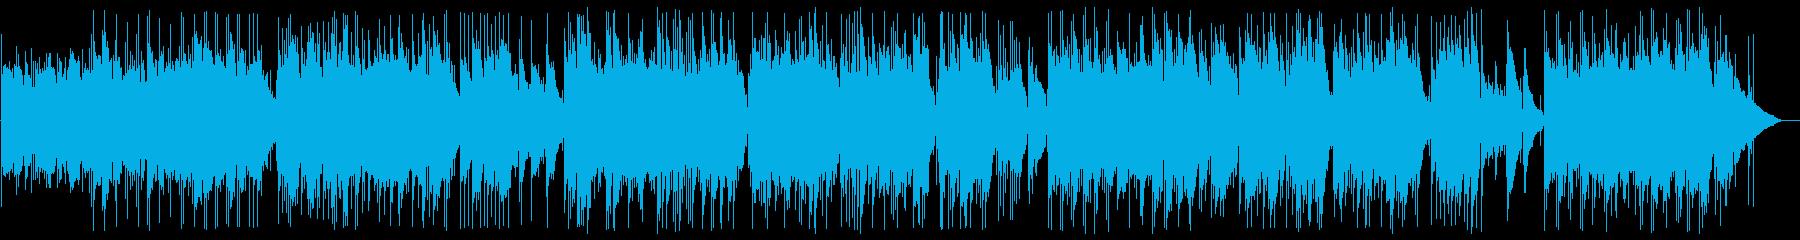 ギターデュオのニューエイジサウンドの再生済みの波形